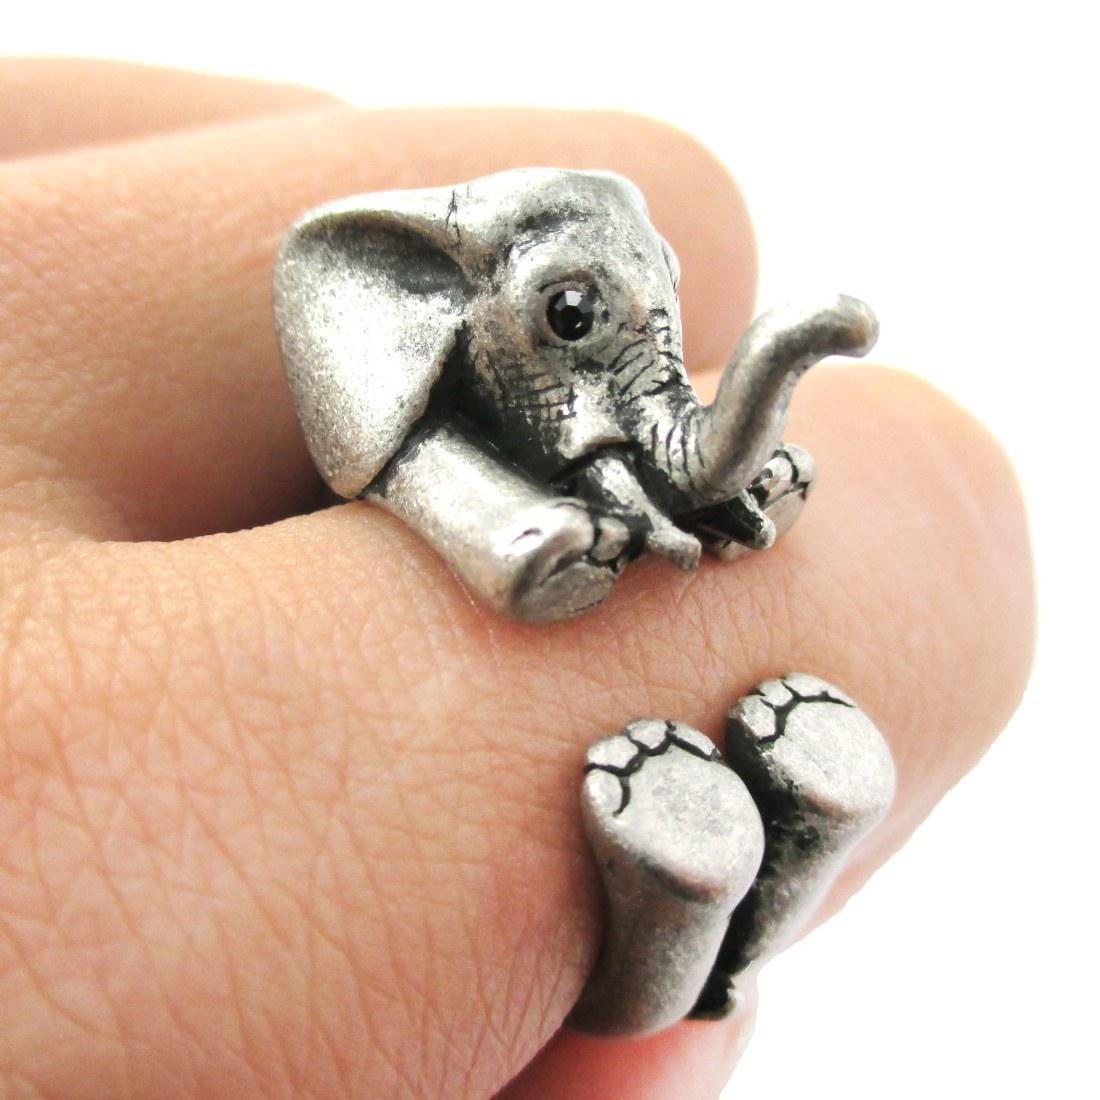 Elephant ring - photo#1